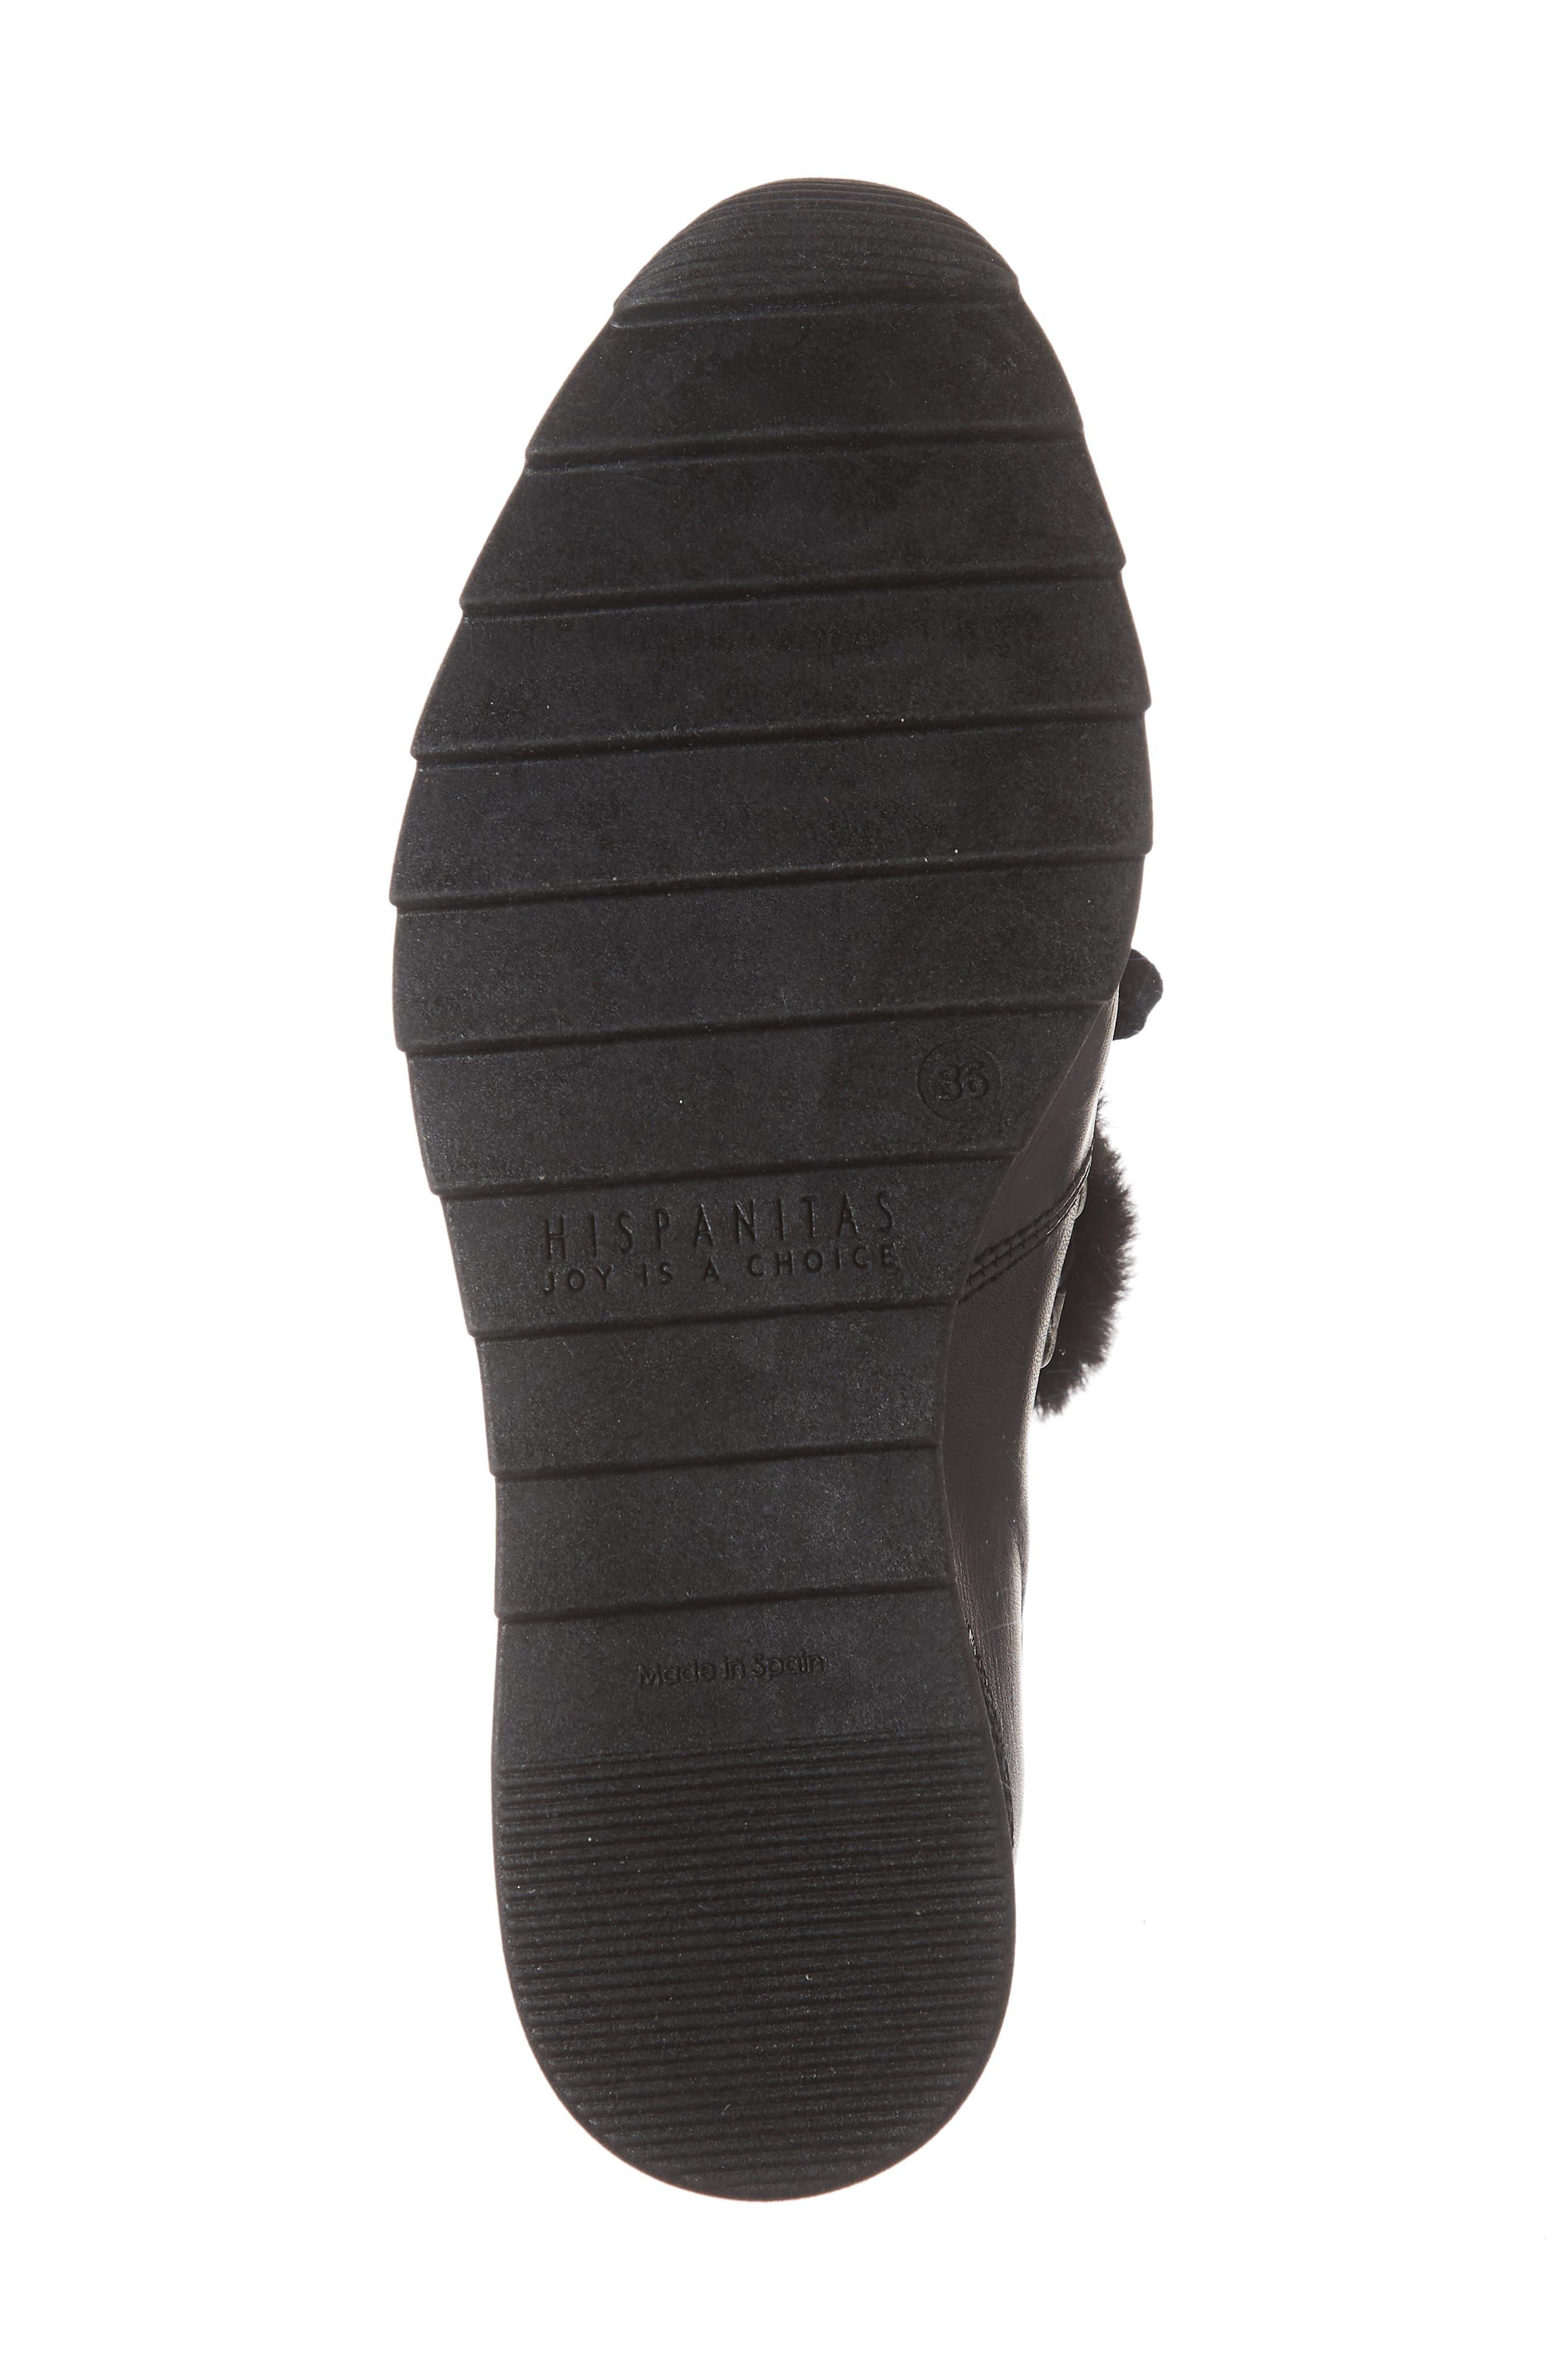 Sadara Wedge Sneaker,                             Alternate thumbnail 6, color,                             SOHO BLACK FAUX FUR